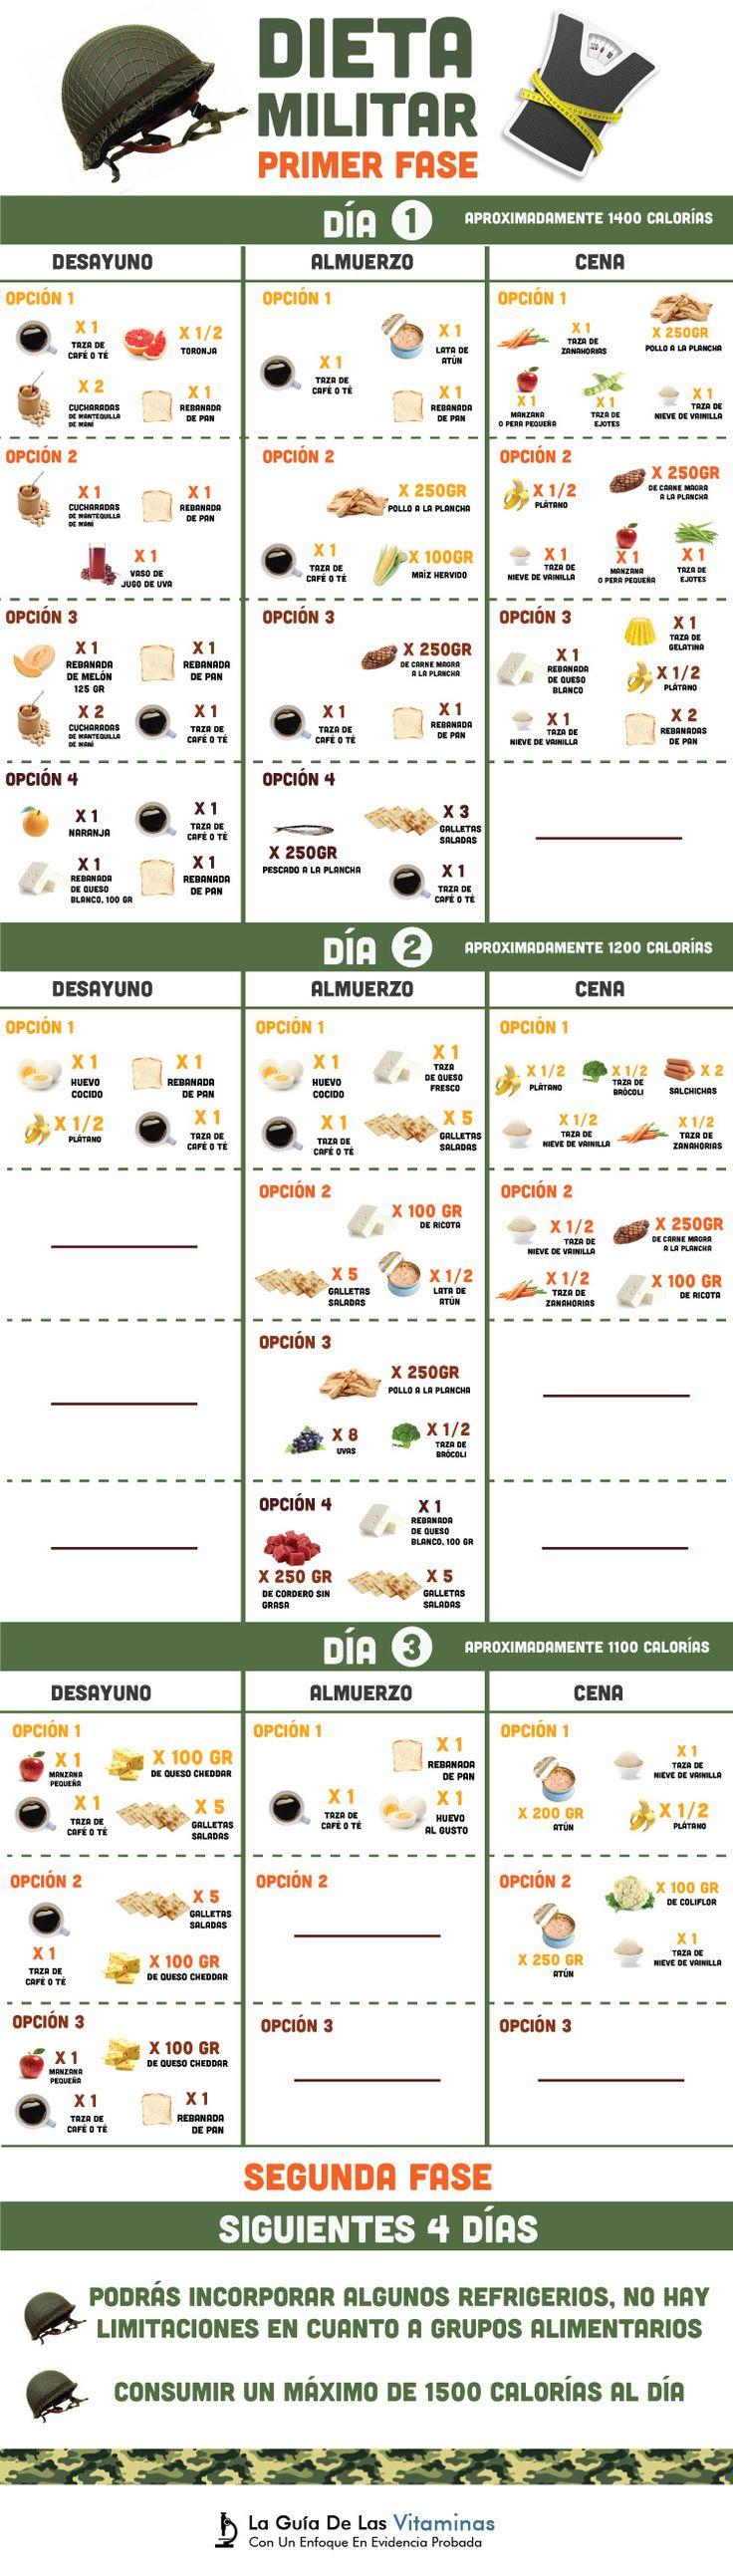 La dieta militar de los 3 días, ¿Te puede ayudar a perder 5 kilos?, menú y cómo funciona